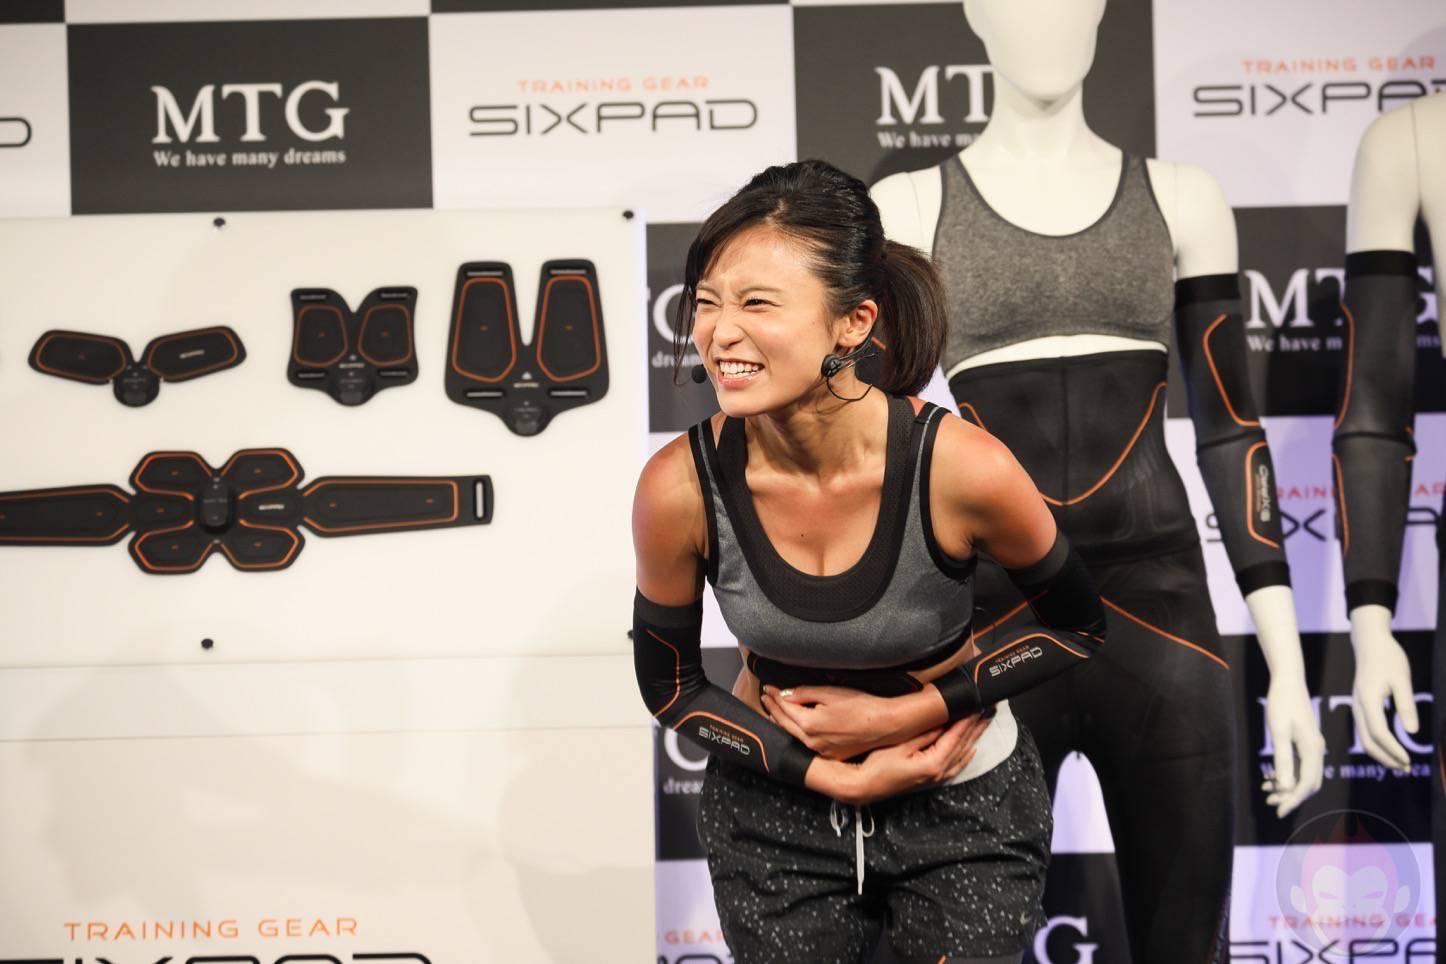 MTG-SIXPAD-New-Products-KojiRuri-Ishikawa-89.jpg